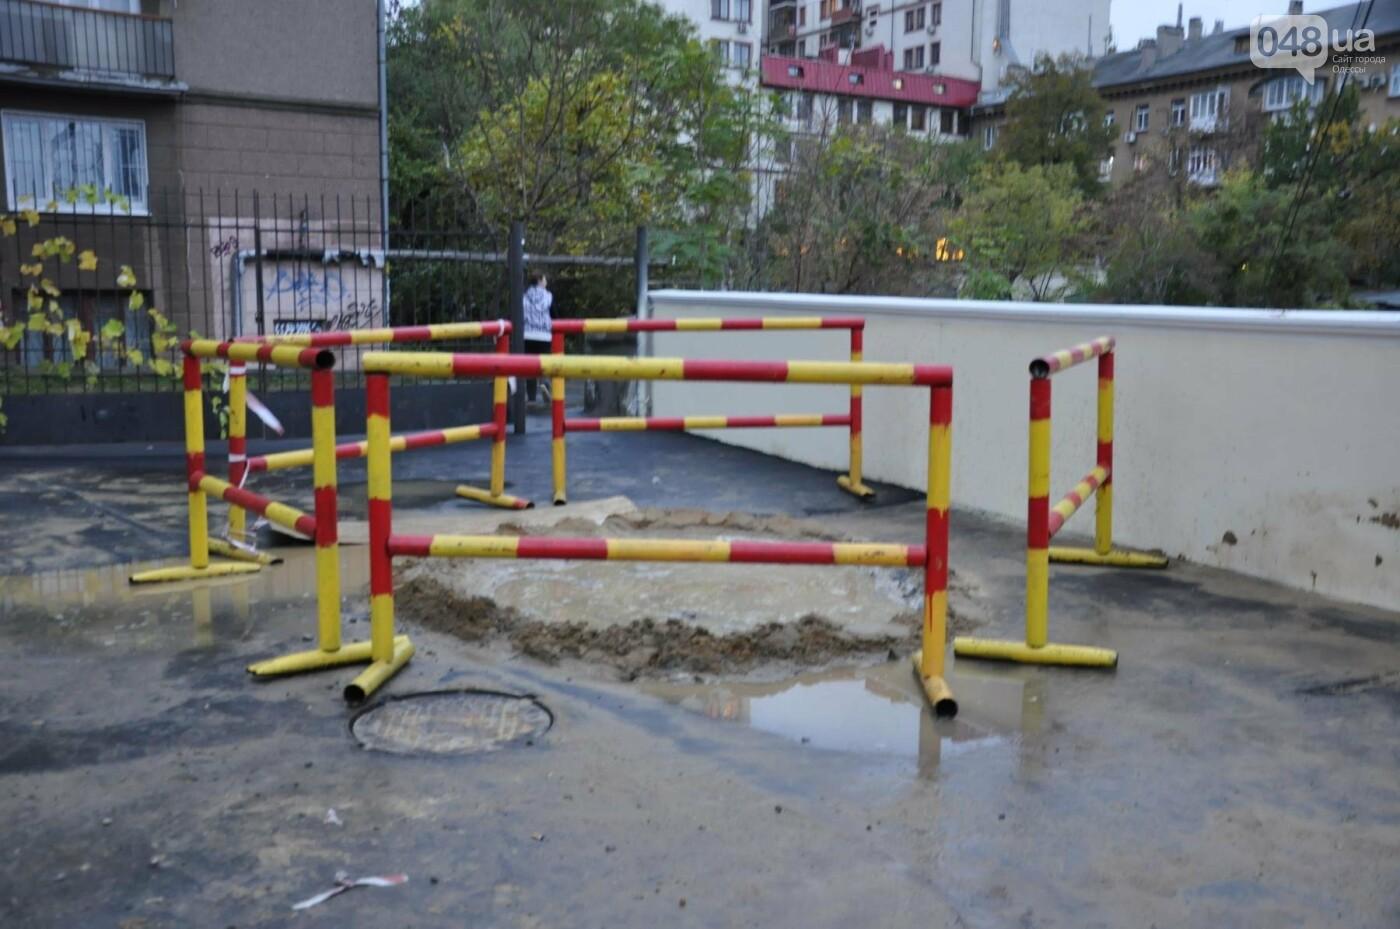 На реконструируемом мосту в Одессе провалился свежий асфальт (ФОТО), фото-1